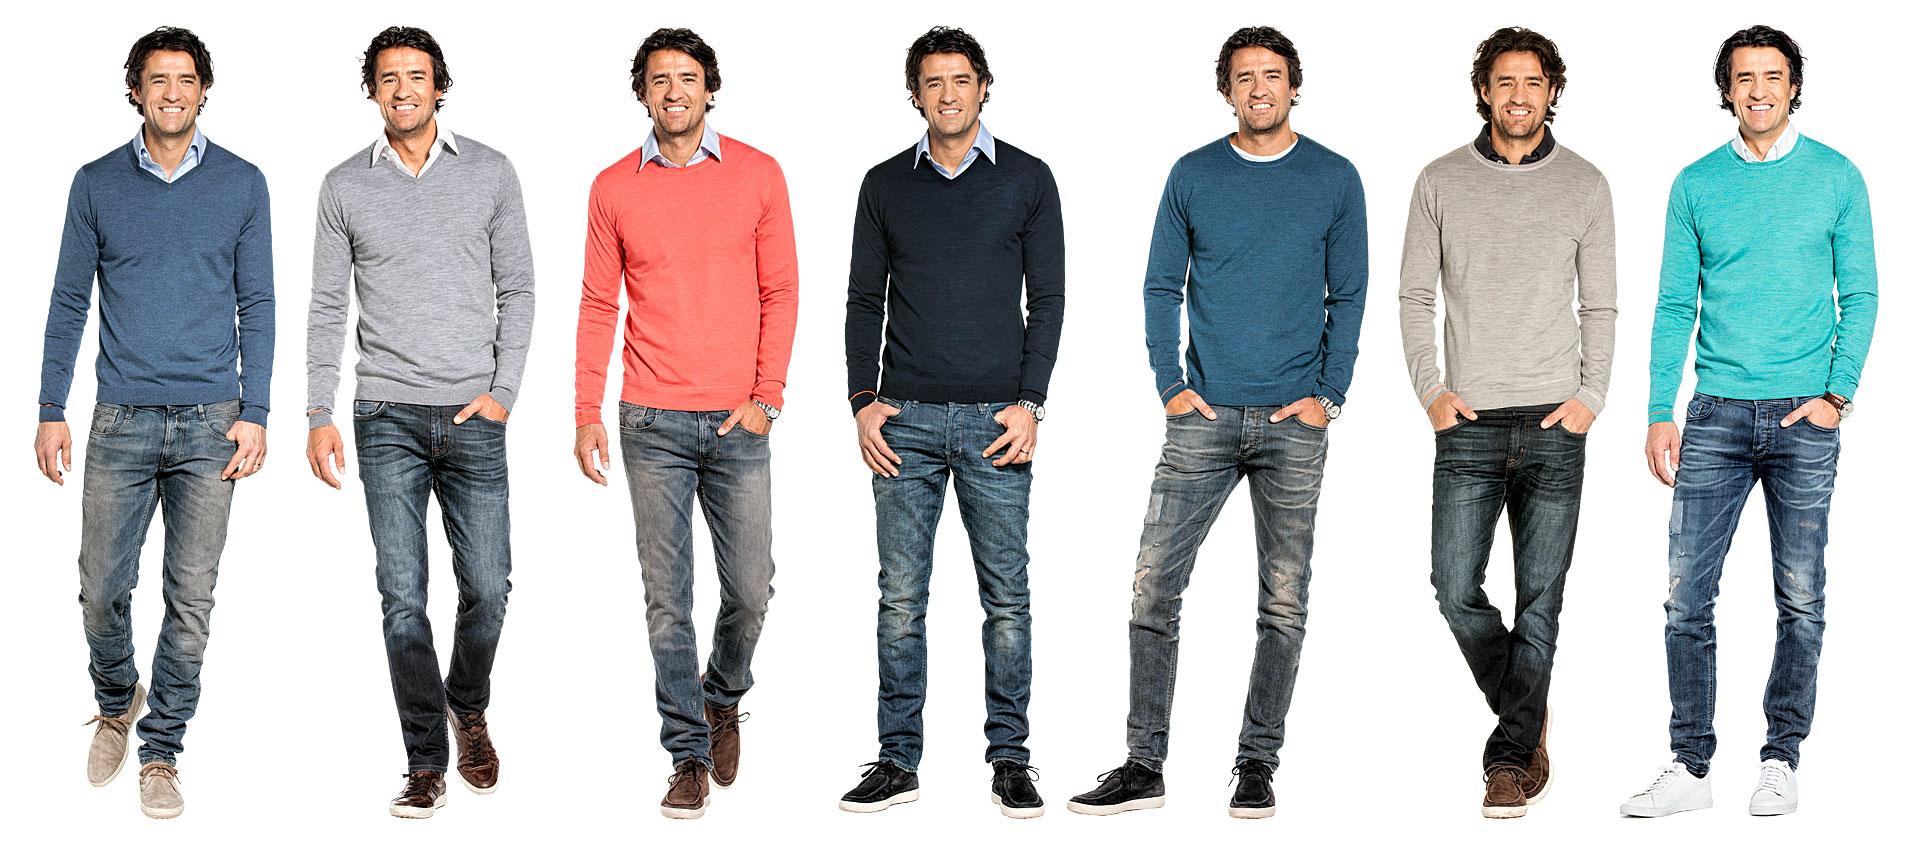 Atmungsaktive Sommer-Shirts für Herren aus feinster Merino-Wolle von Joe Merino.